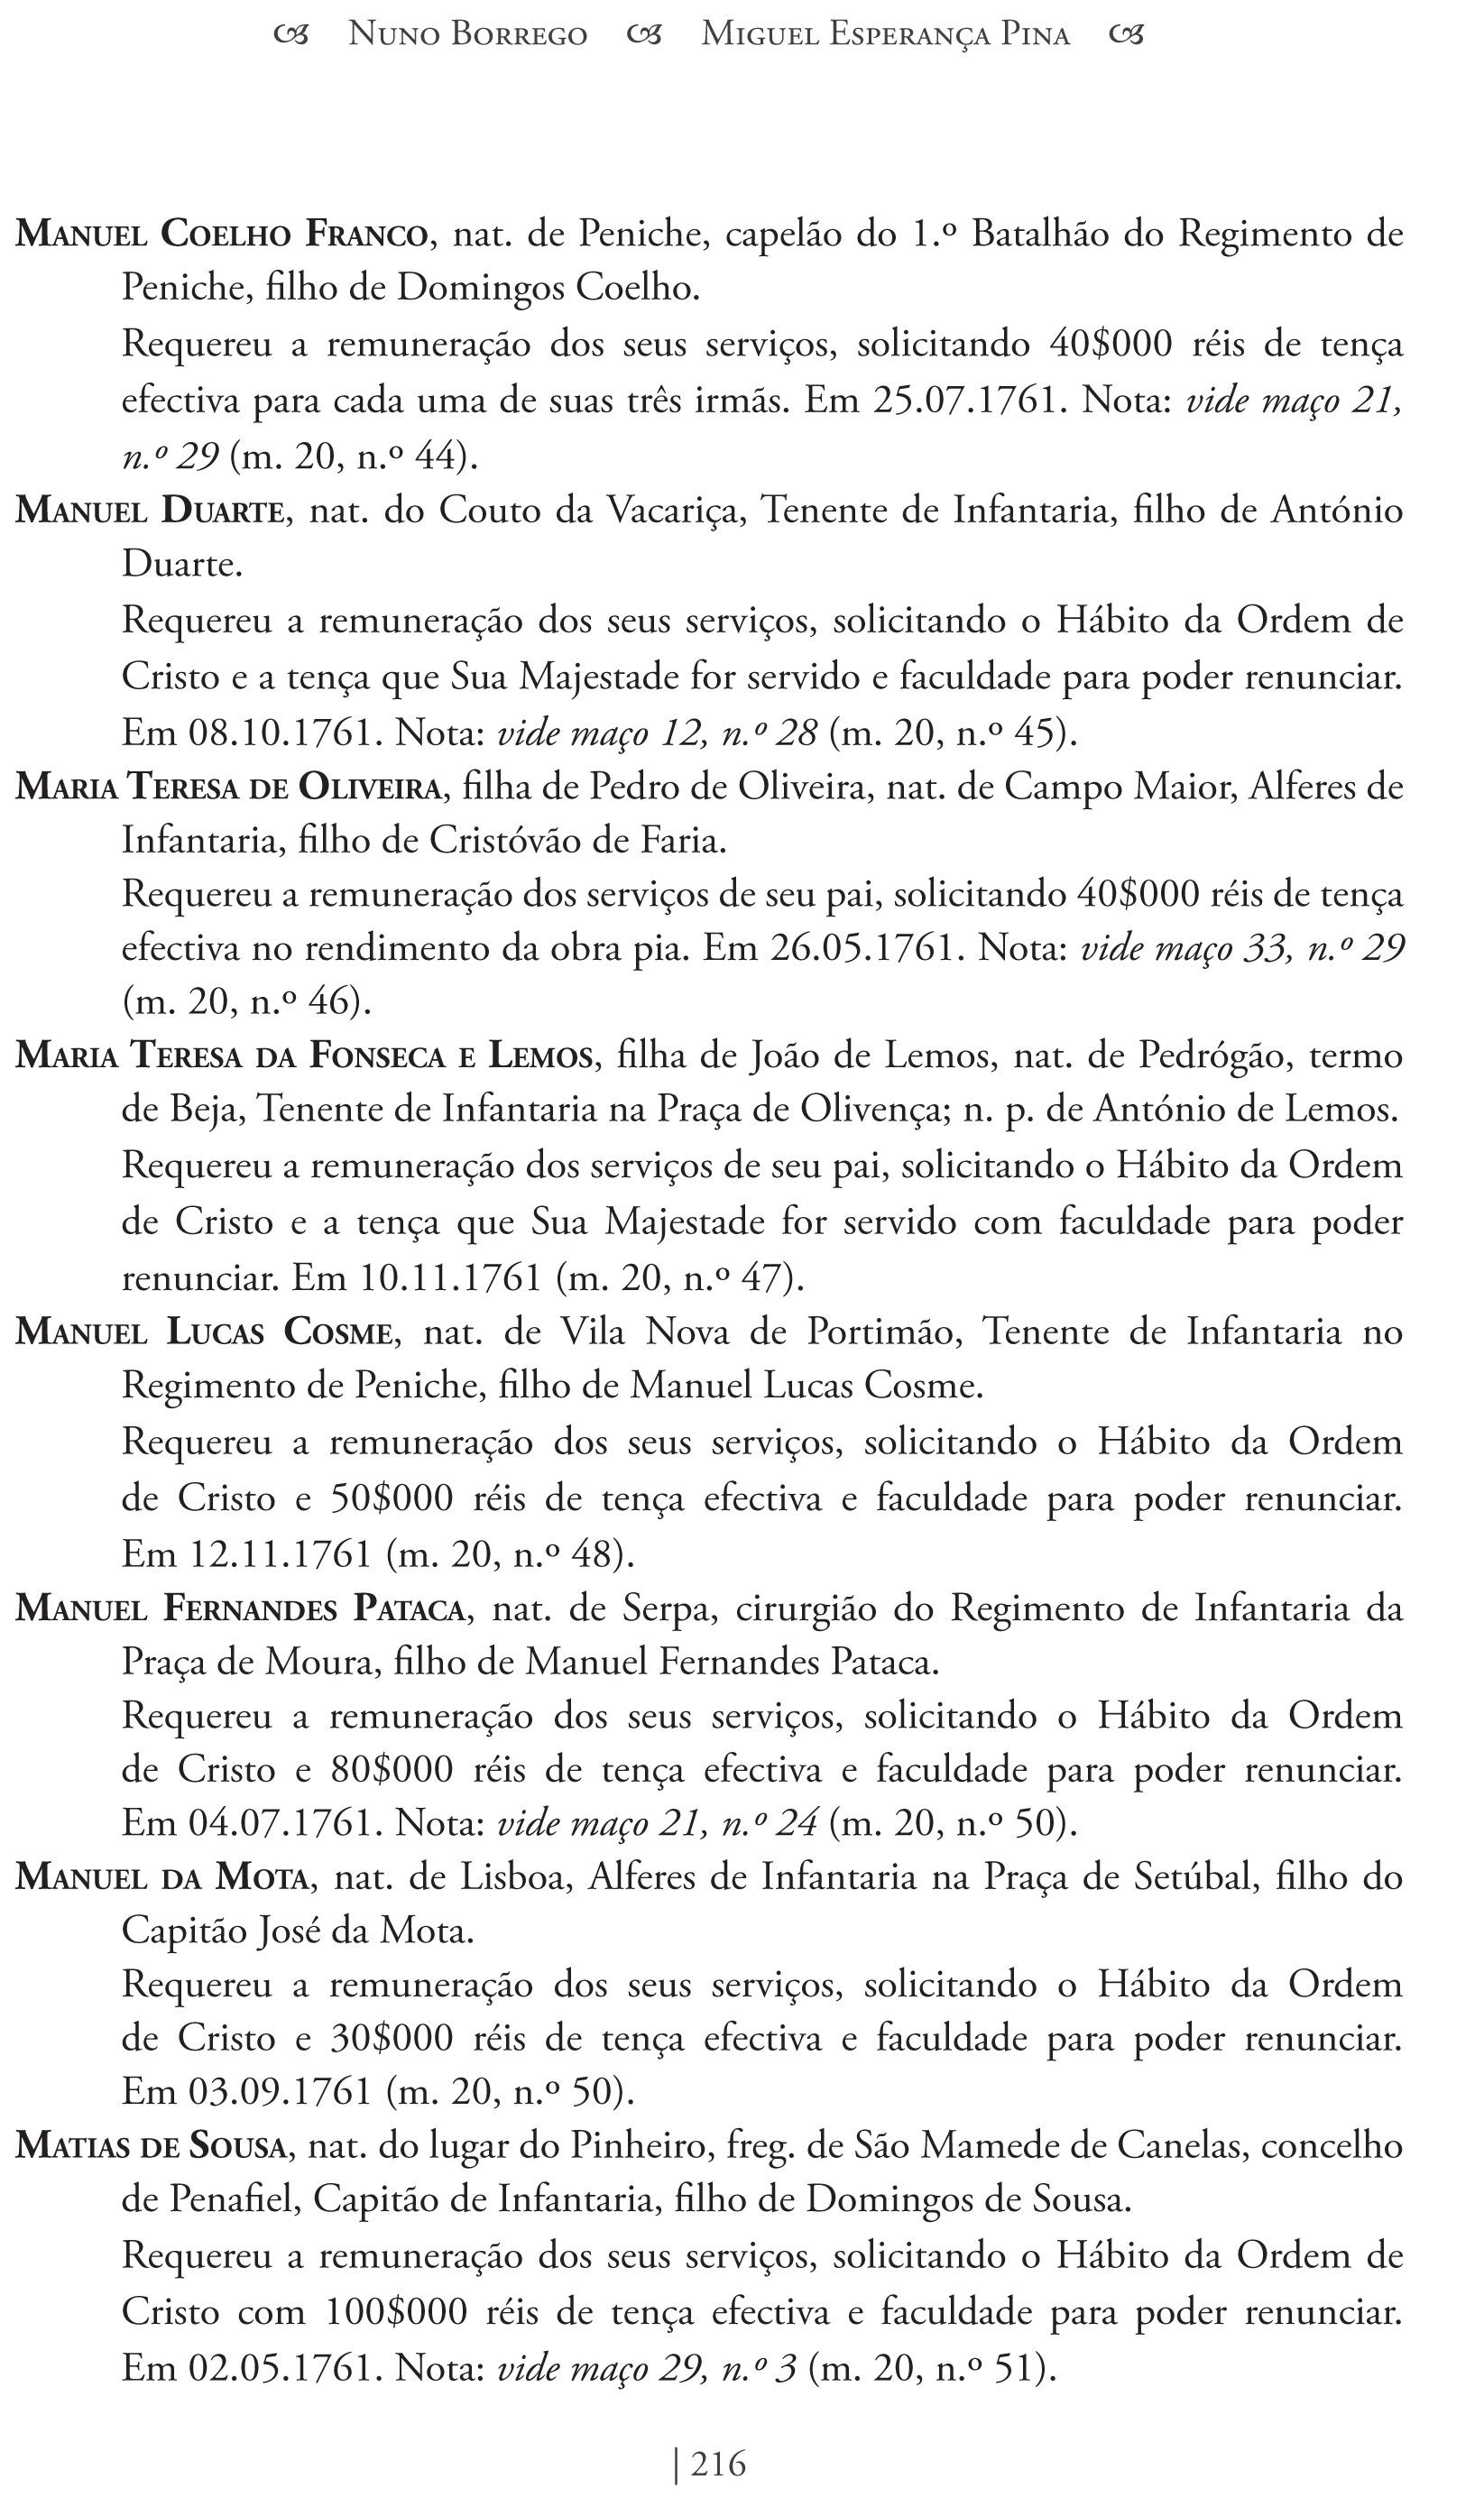 Decretamentos_de_Serviços_216